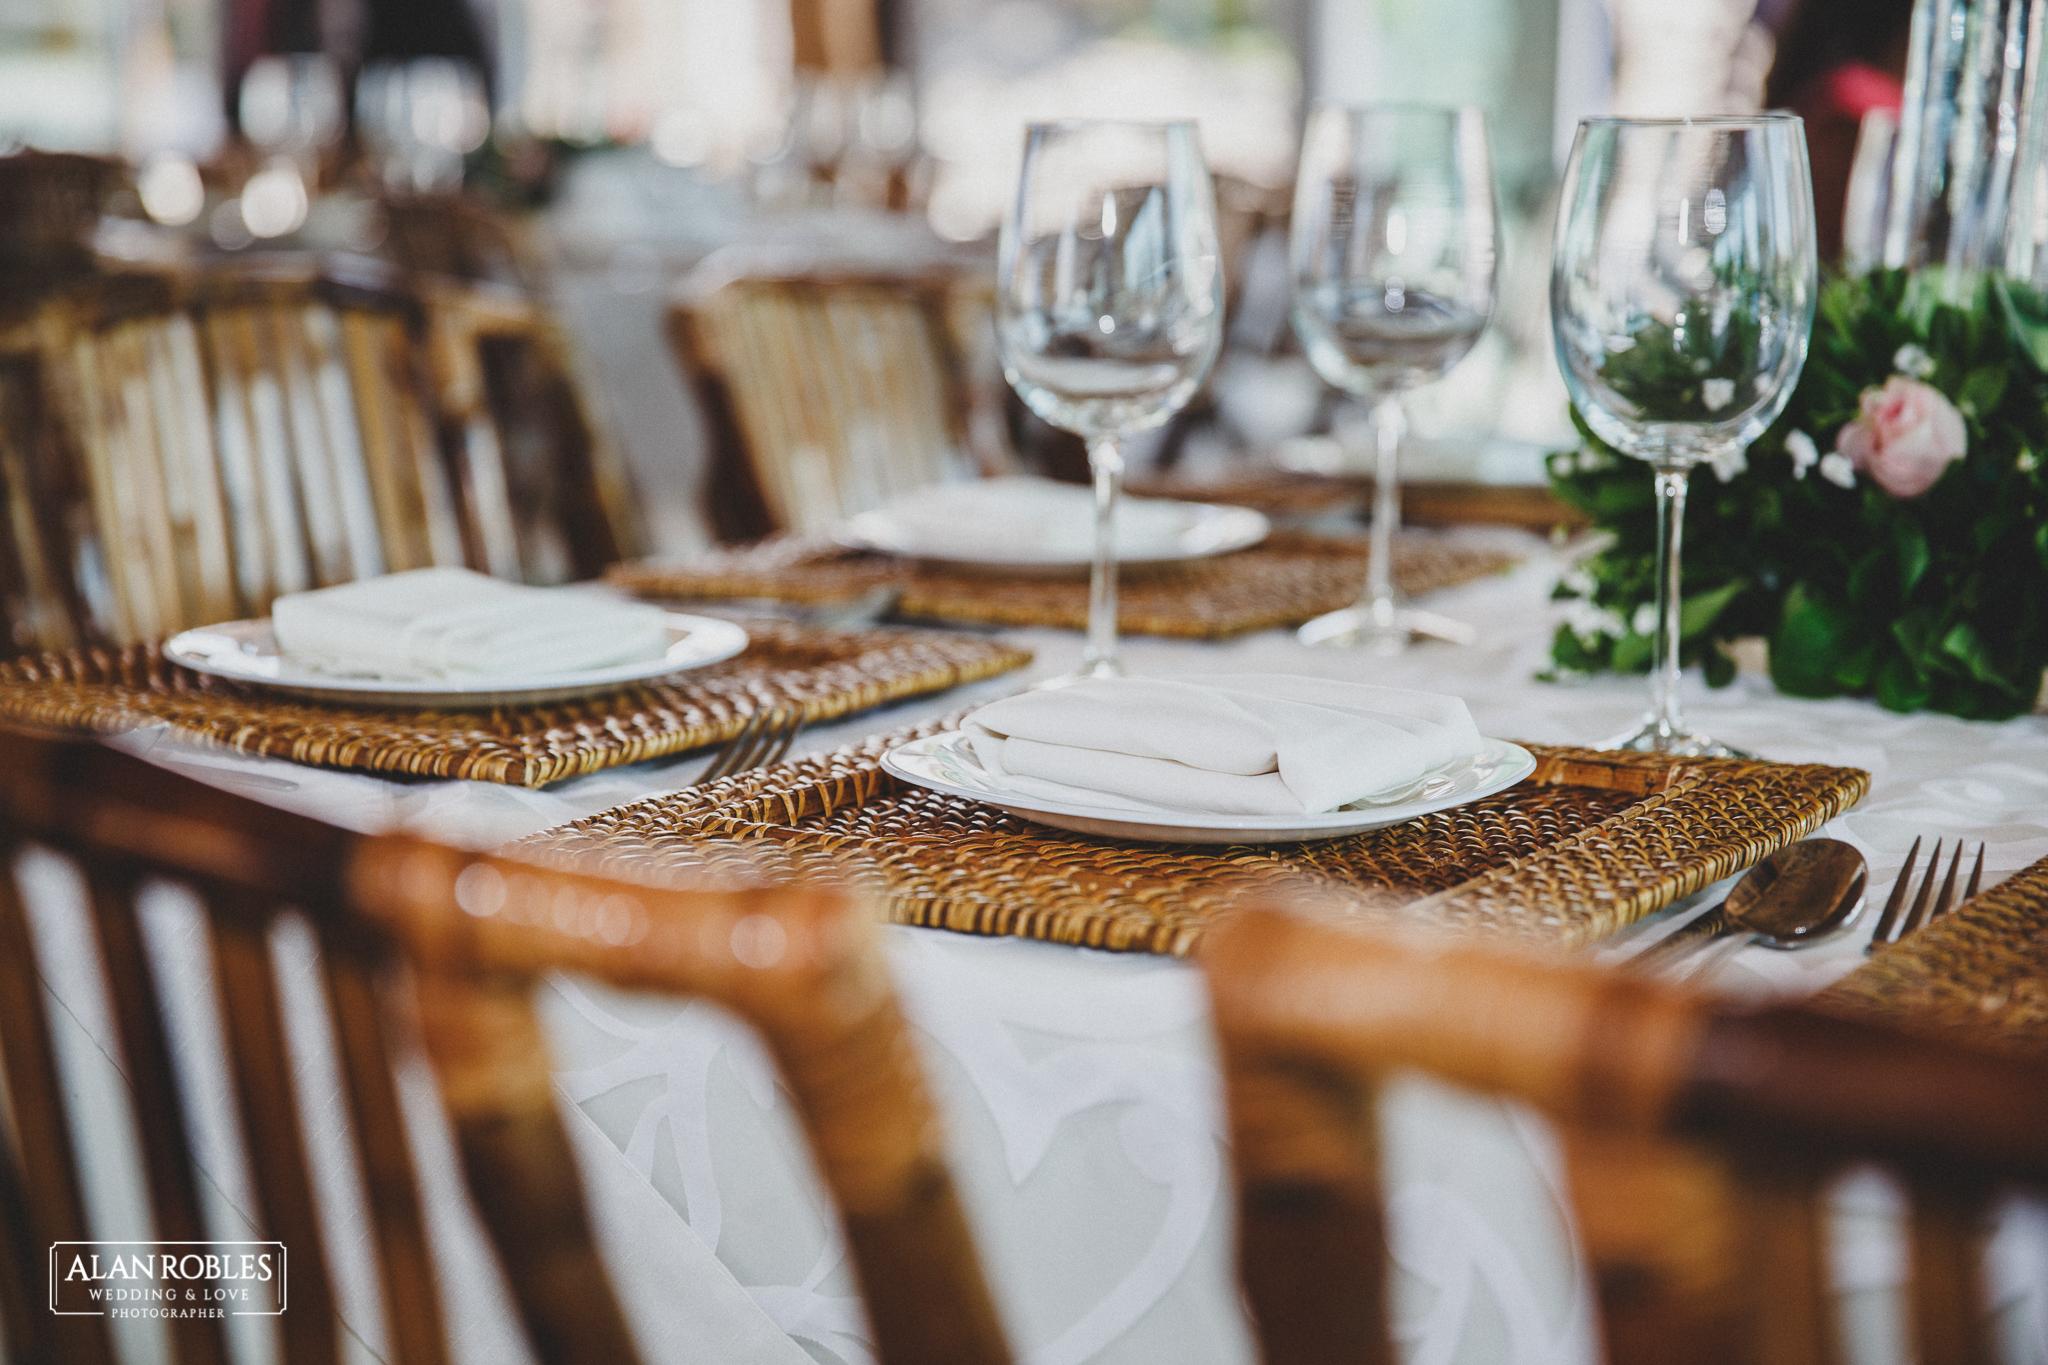 Arreglo de mesa para boda. Sillas de bambu y copas de cristal. Hacienda Los Pozos. Fotografo de bodas Alan Robles.